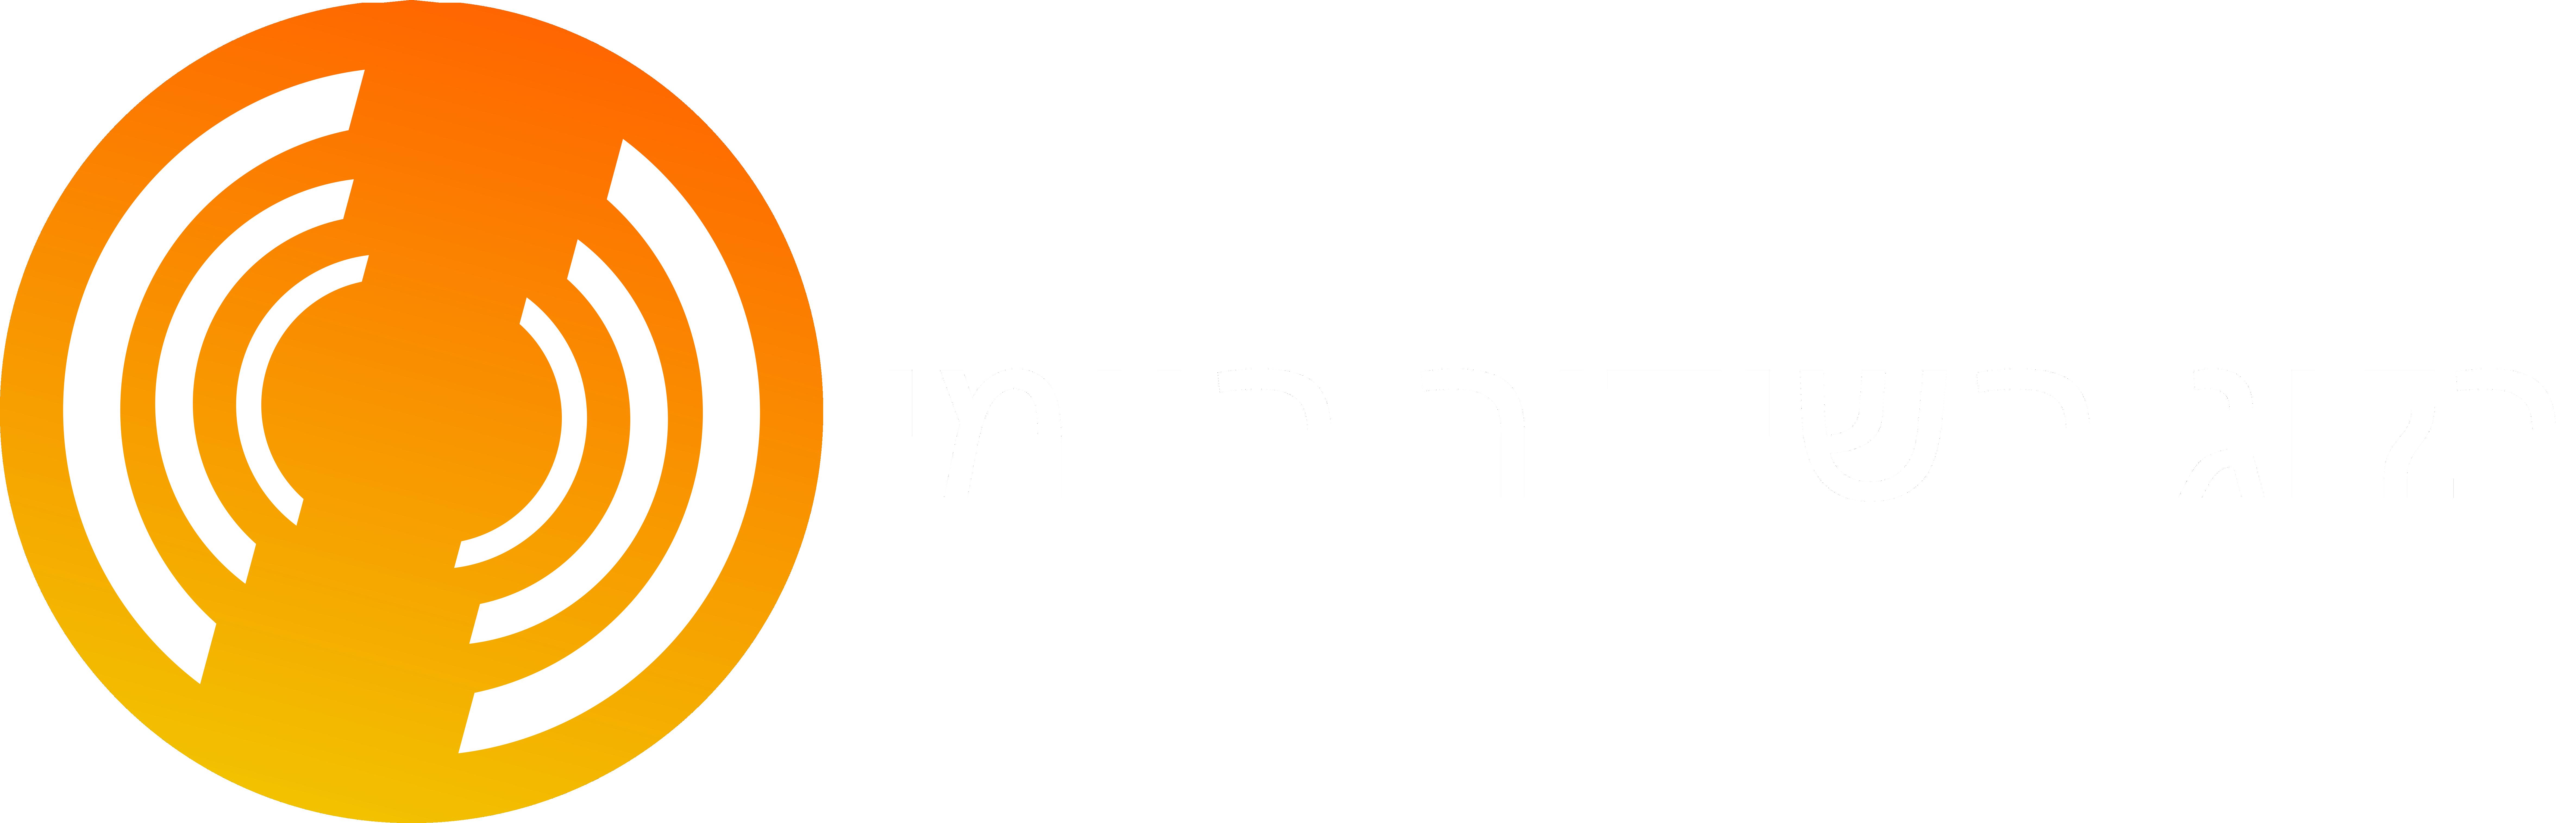 אינסטלטור בחיפה - בלוג השידור היומי